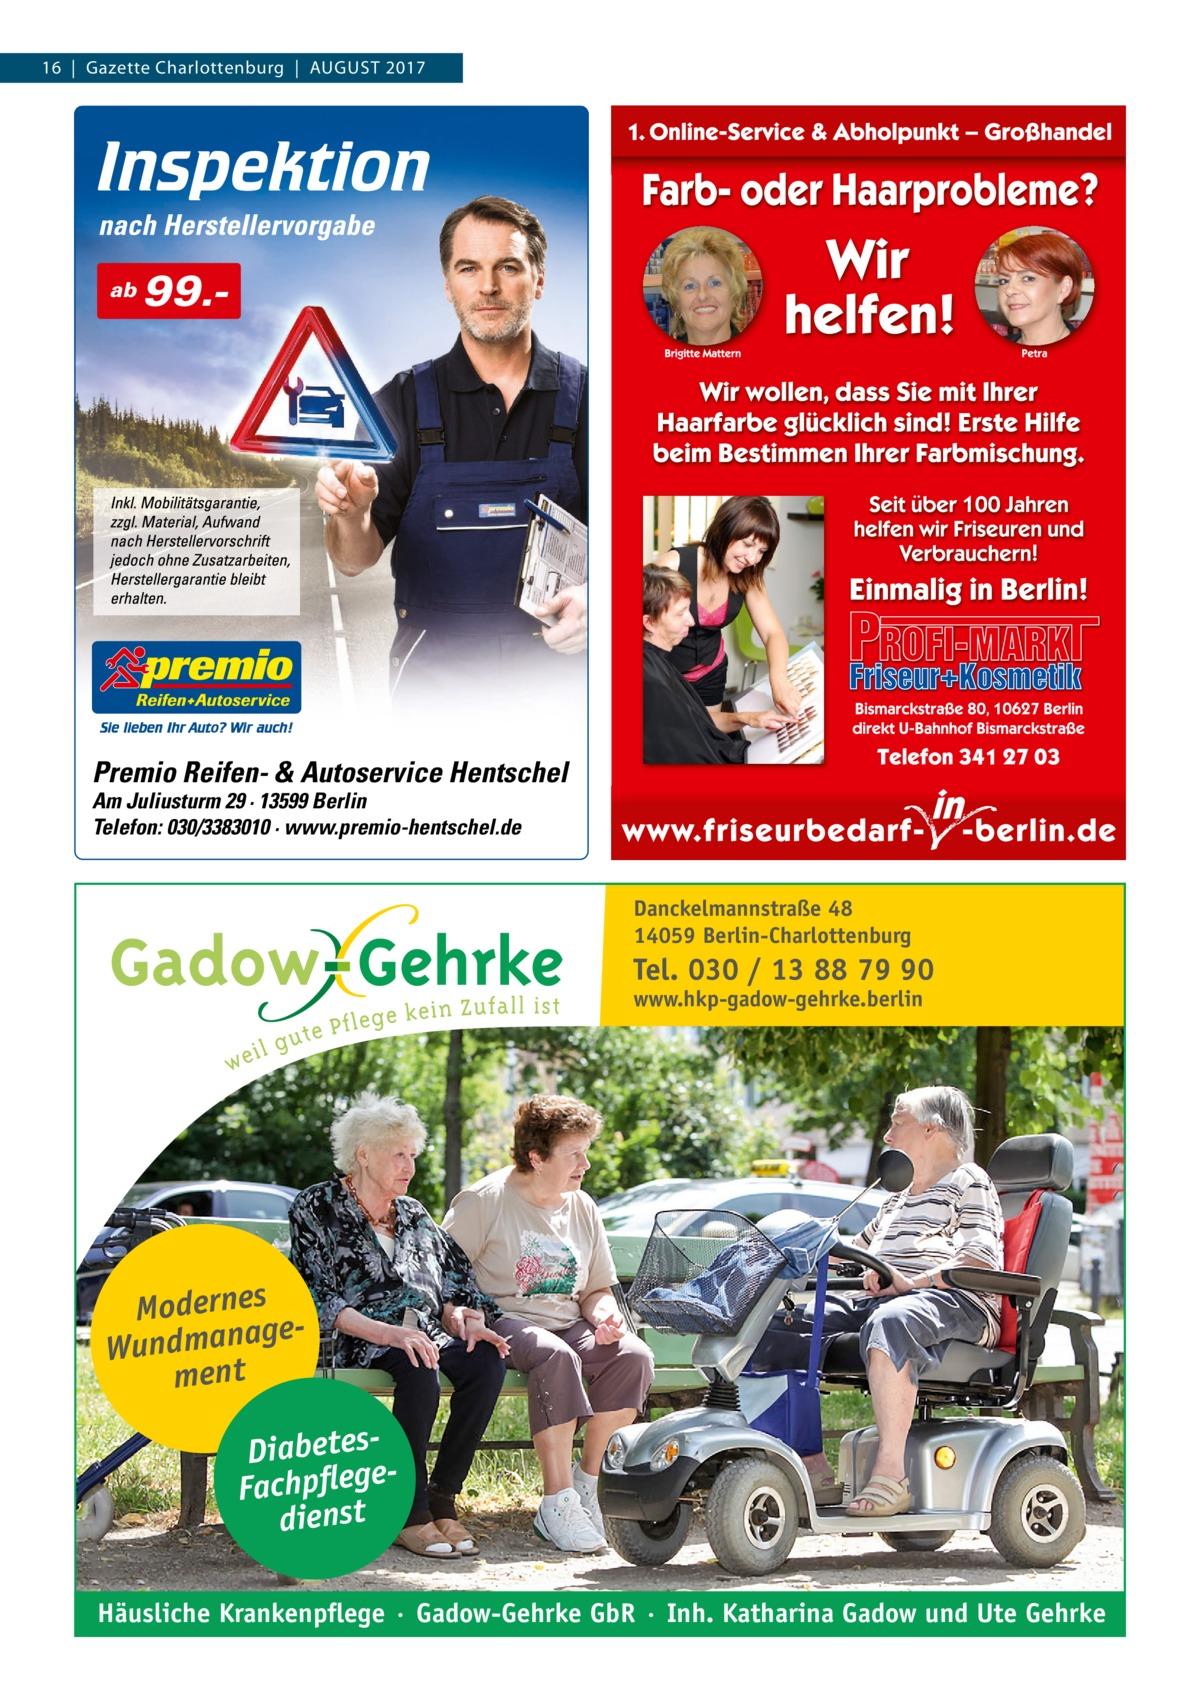 16|Gazette Charlottenburg|August 2017  ab  99. Premio Reifen- & Autoservice Hentschel Am Juliusturm 29 · 13599 Berlin Telefon: 030/3383010 · www.premio-hentschel.de  Danckelmannstraße 48 14059 Berlin-Charlottenburg  Tel. 030 / 13 88 79 90 www.hkp-gadow-gehrke.berlin  Modernes ge Wundmana ment DiabetesFachpflege dienst Häusliche Krankenpflege · Gadow-Gehrke GbR · Inh. Katharina Gadow und Ute Gehrke